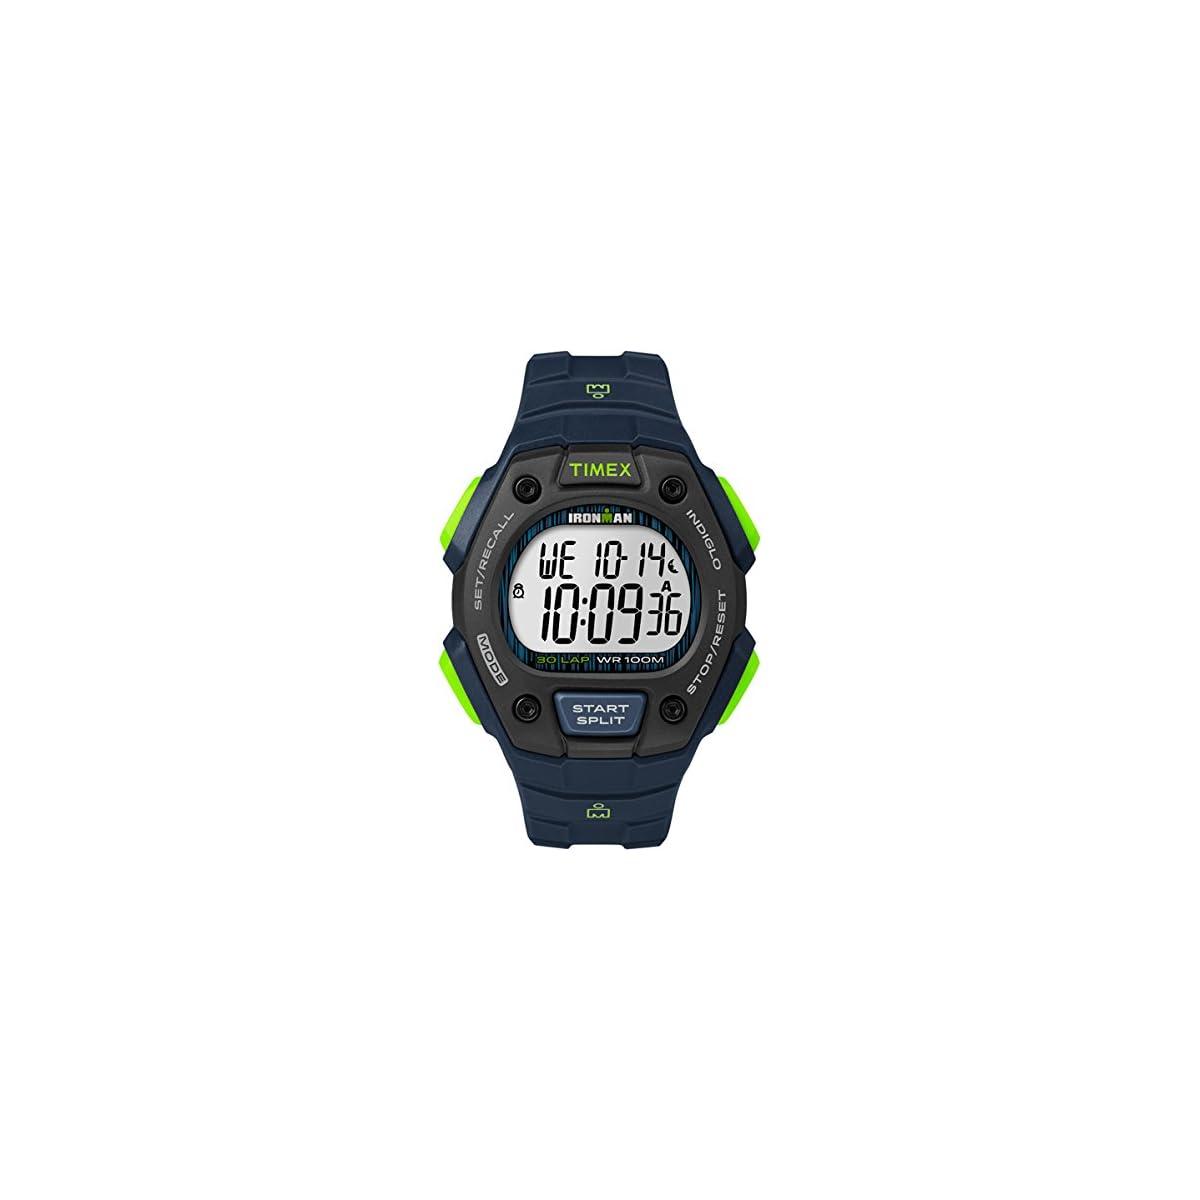 51z7jIfSzDL. SS1200  - Reloj - Timex - para Unisex - TW5M11600